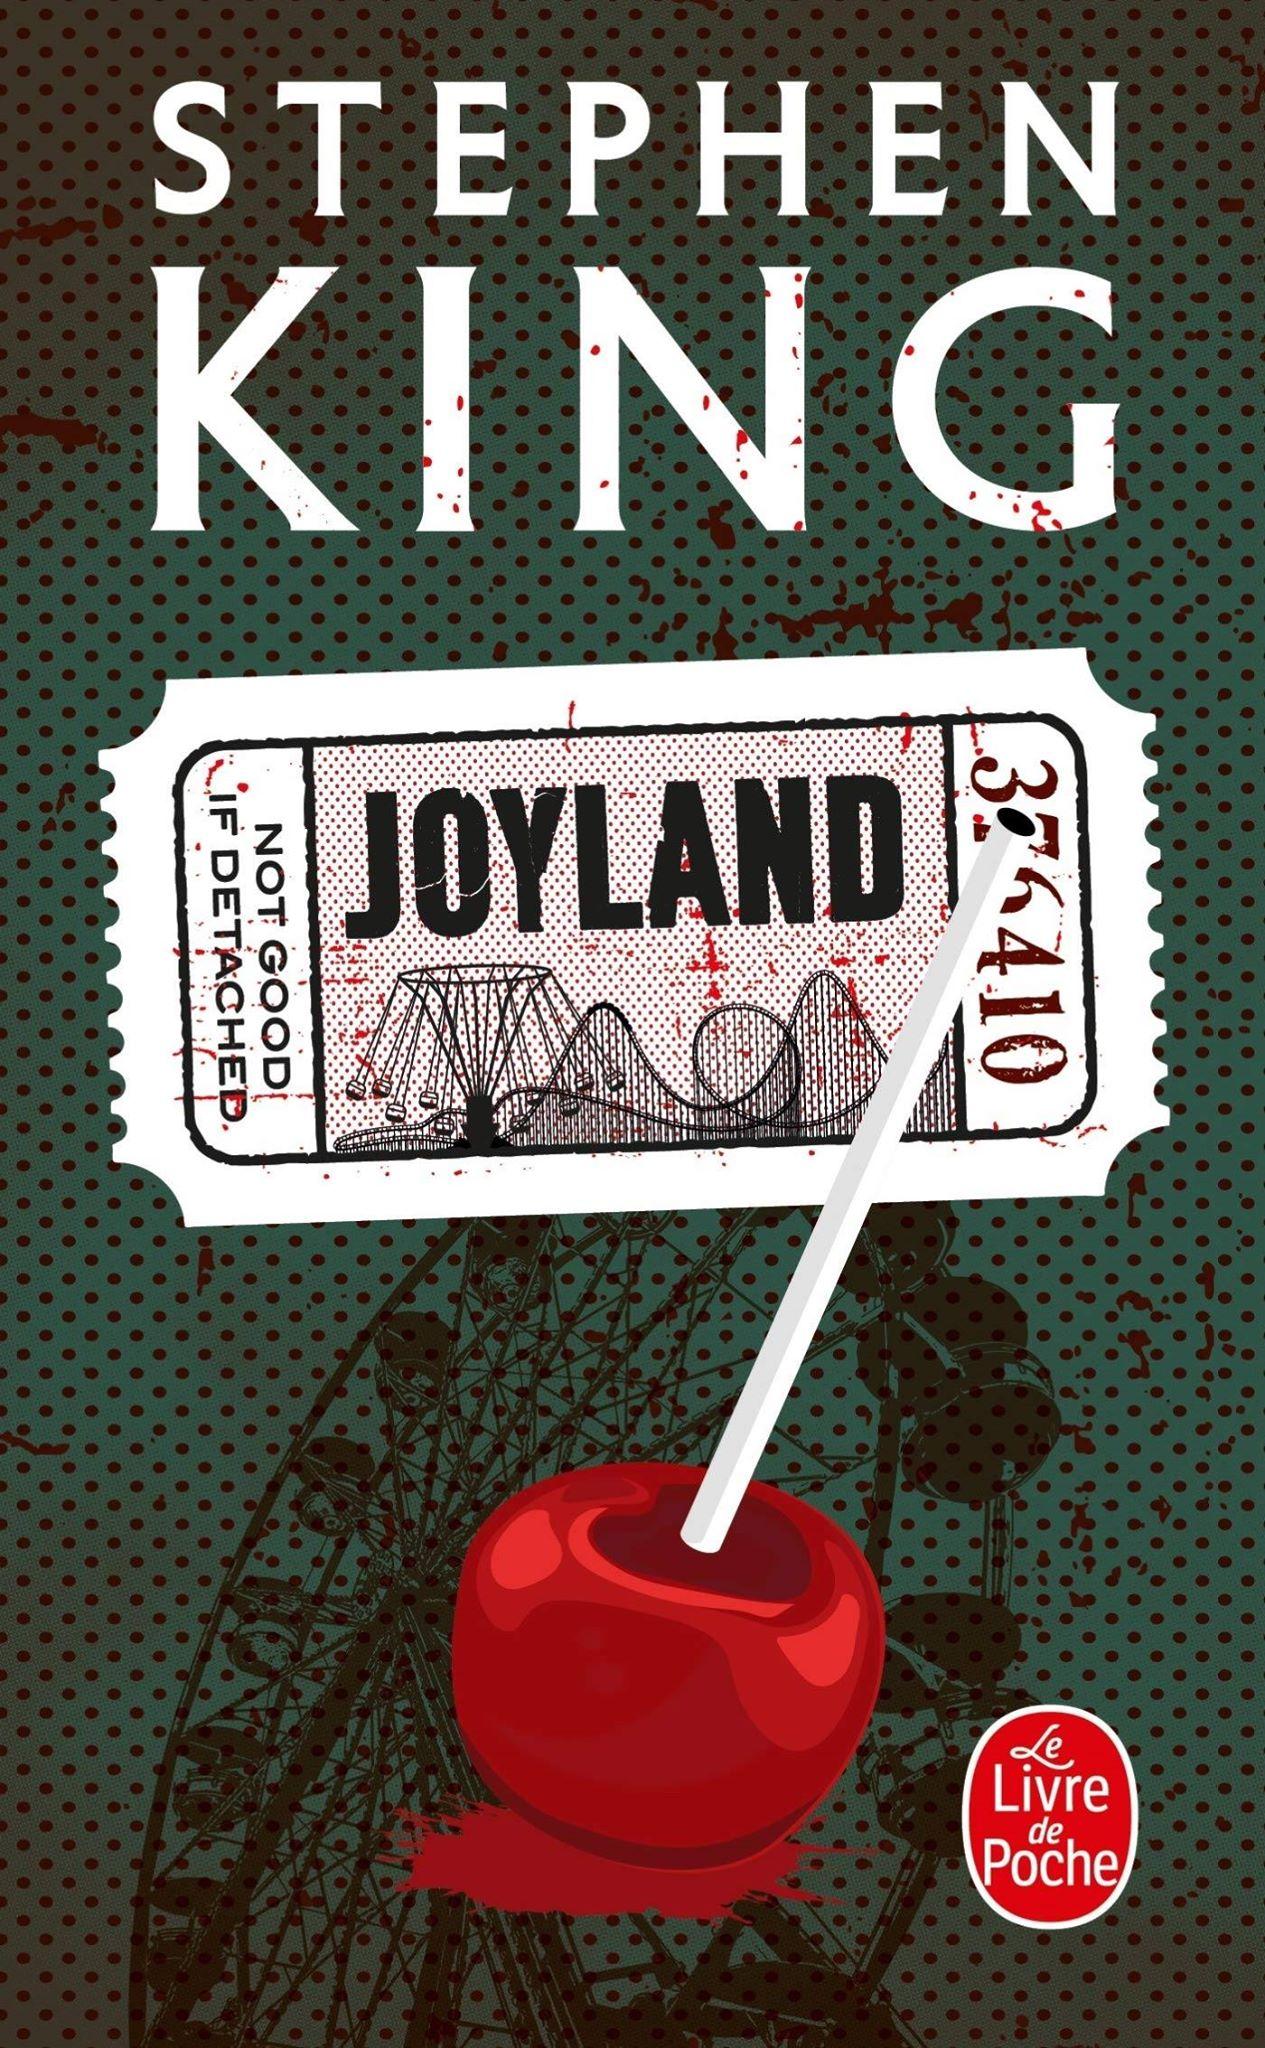 Stephenking Lelivredepoche Reedition 2020 Joyland